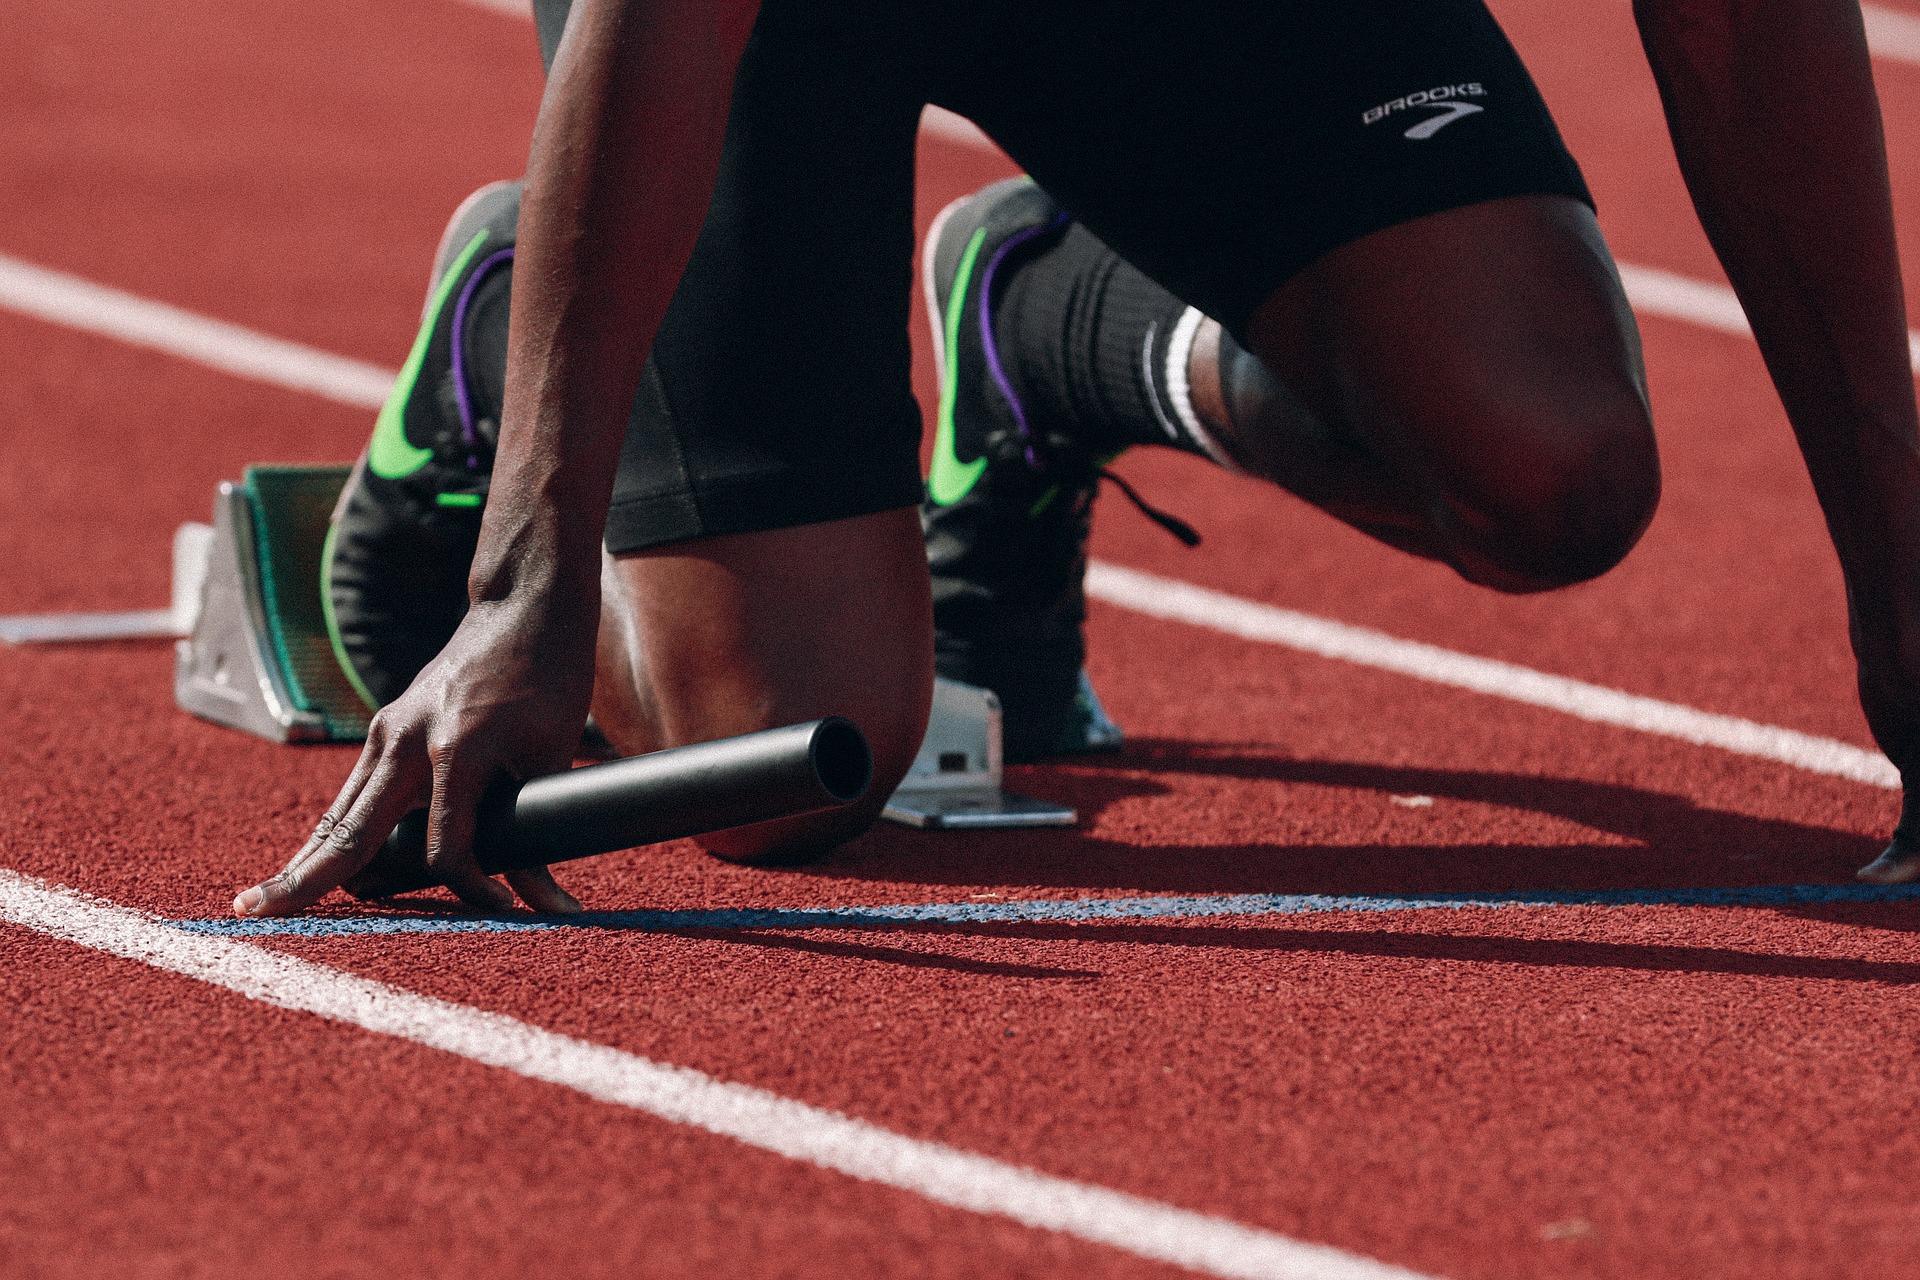 Runner in starting position.